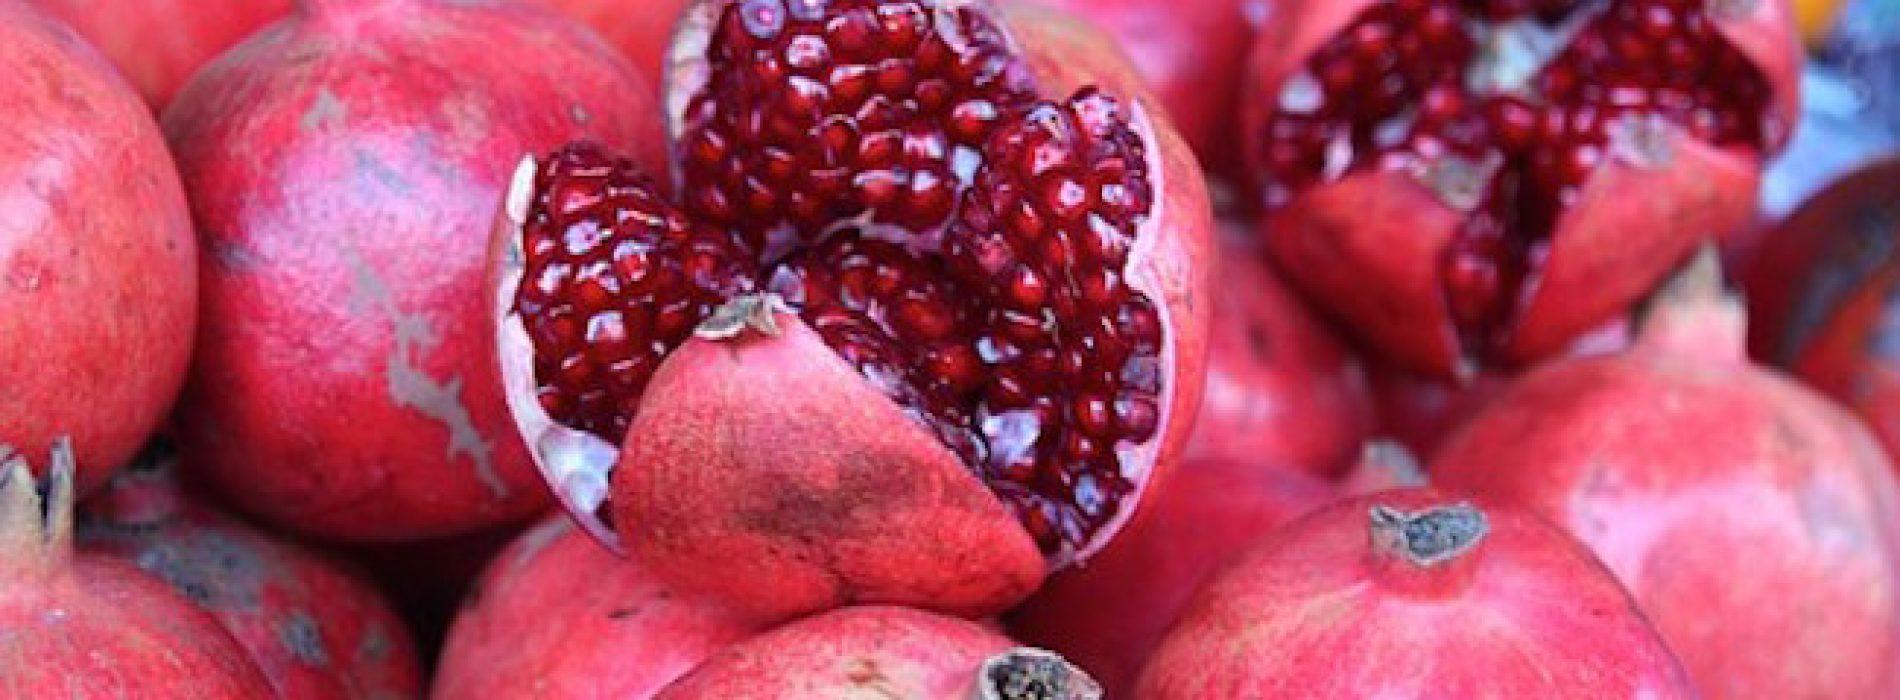 Een verbinding in granaatappels kan kanker celdood veroorzaken